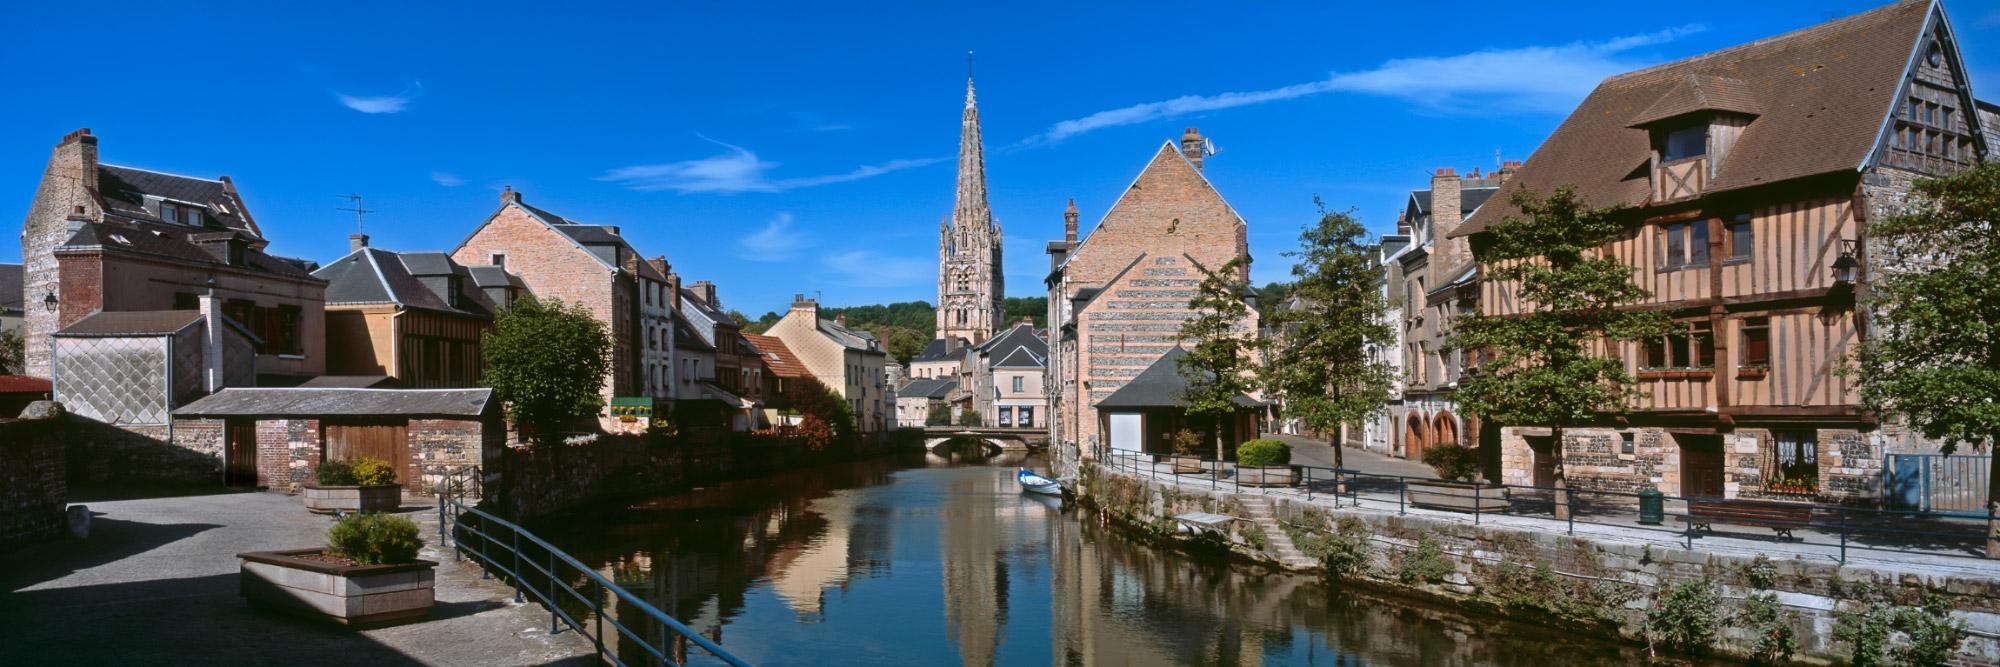 Harfleur, distante circa 12 Km da Le Havre